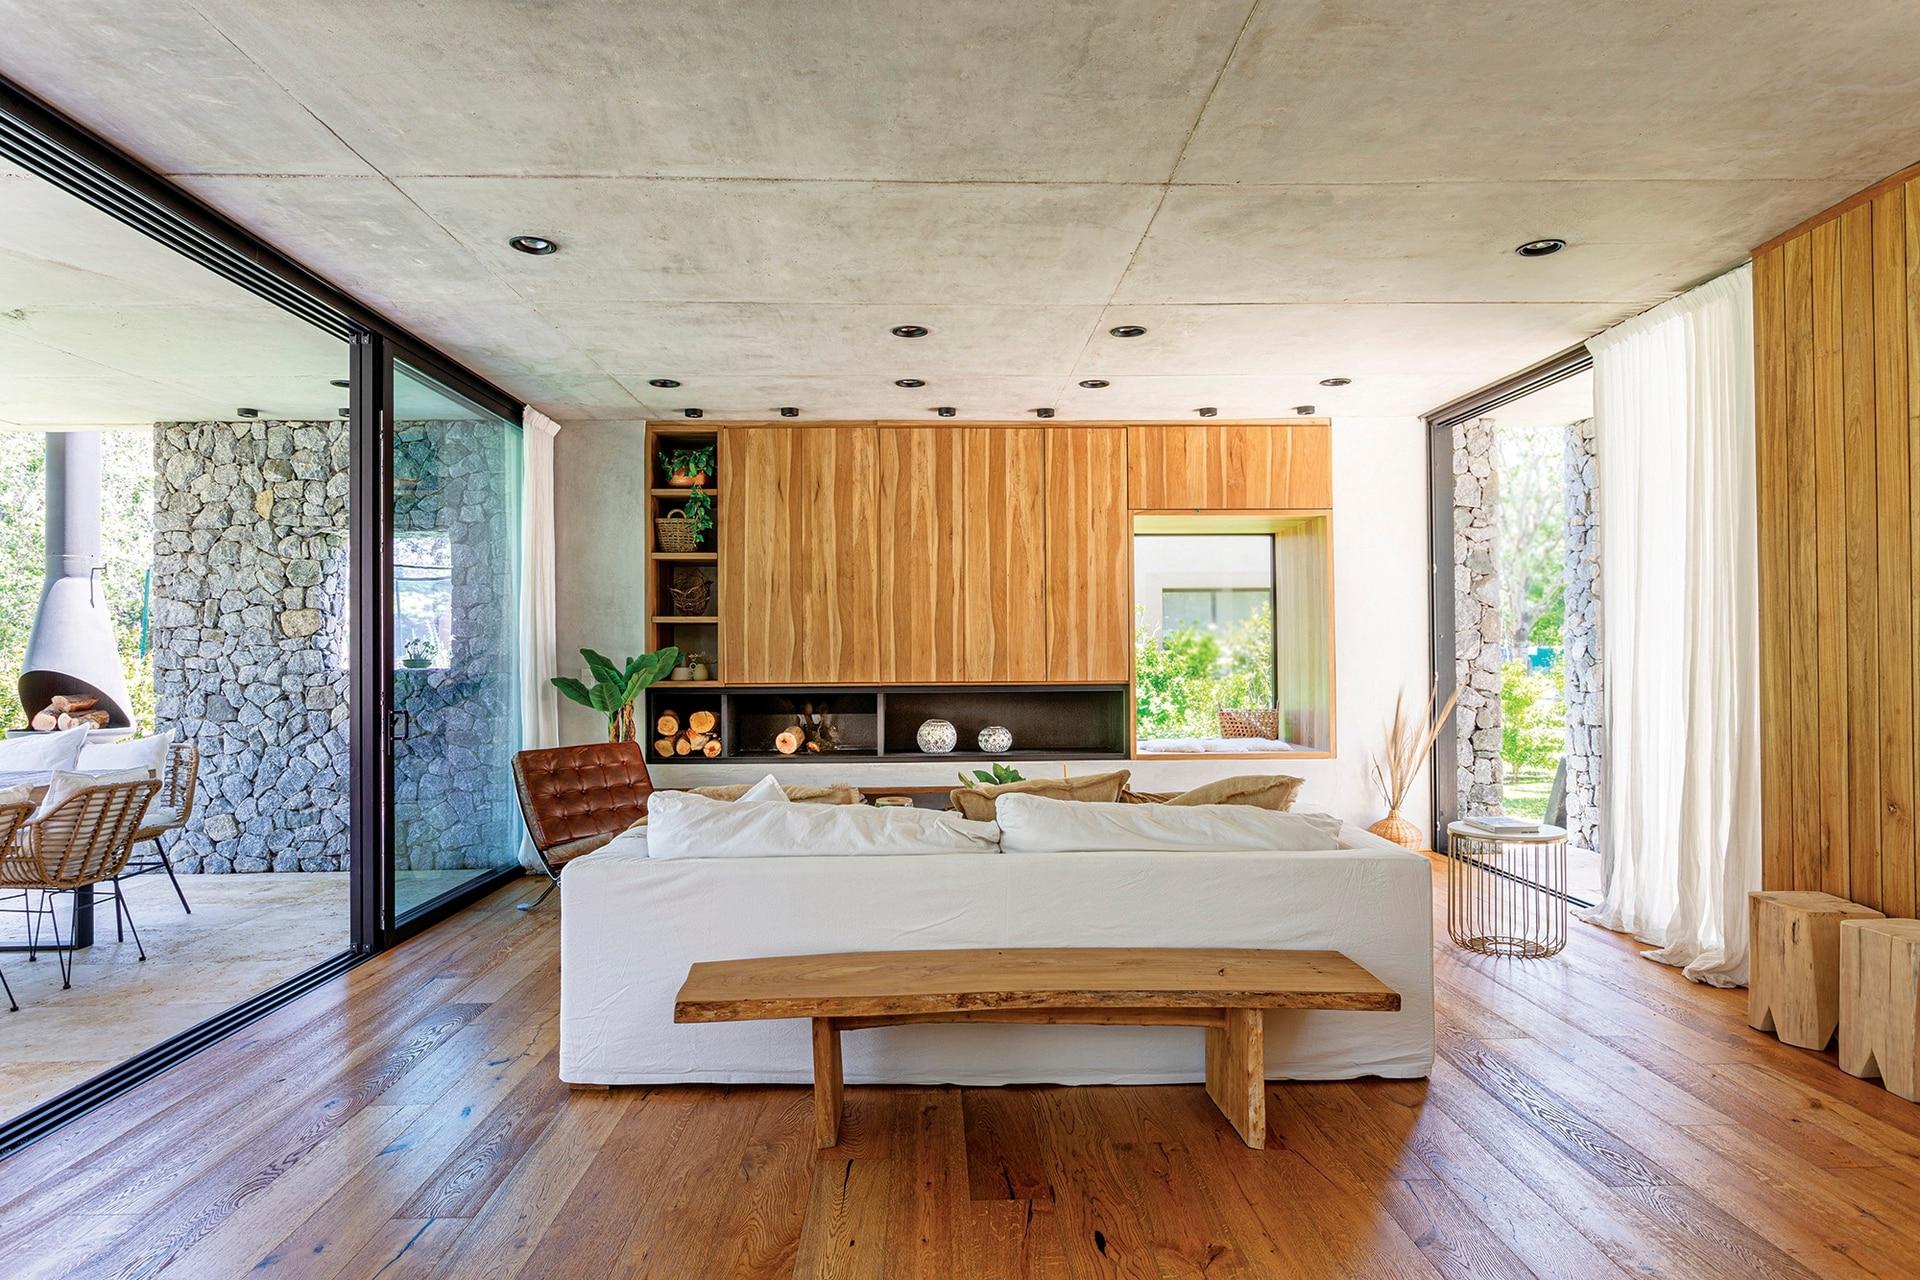 Detrás del sofá, un banco de madera maciza (carpintero Pablo Amadeo) hace juego con el piso de roble labrado (Patagonia Flooring). La chimenea de hierro se diseñó integrada al frente y forma una L con los estantes.